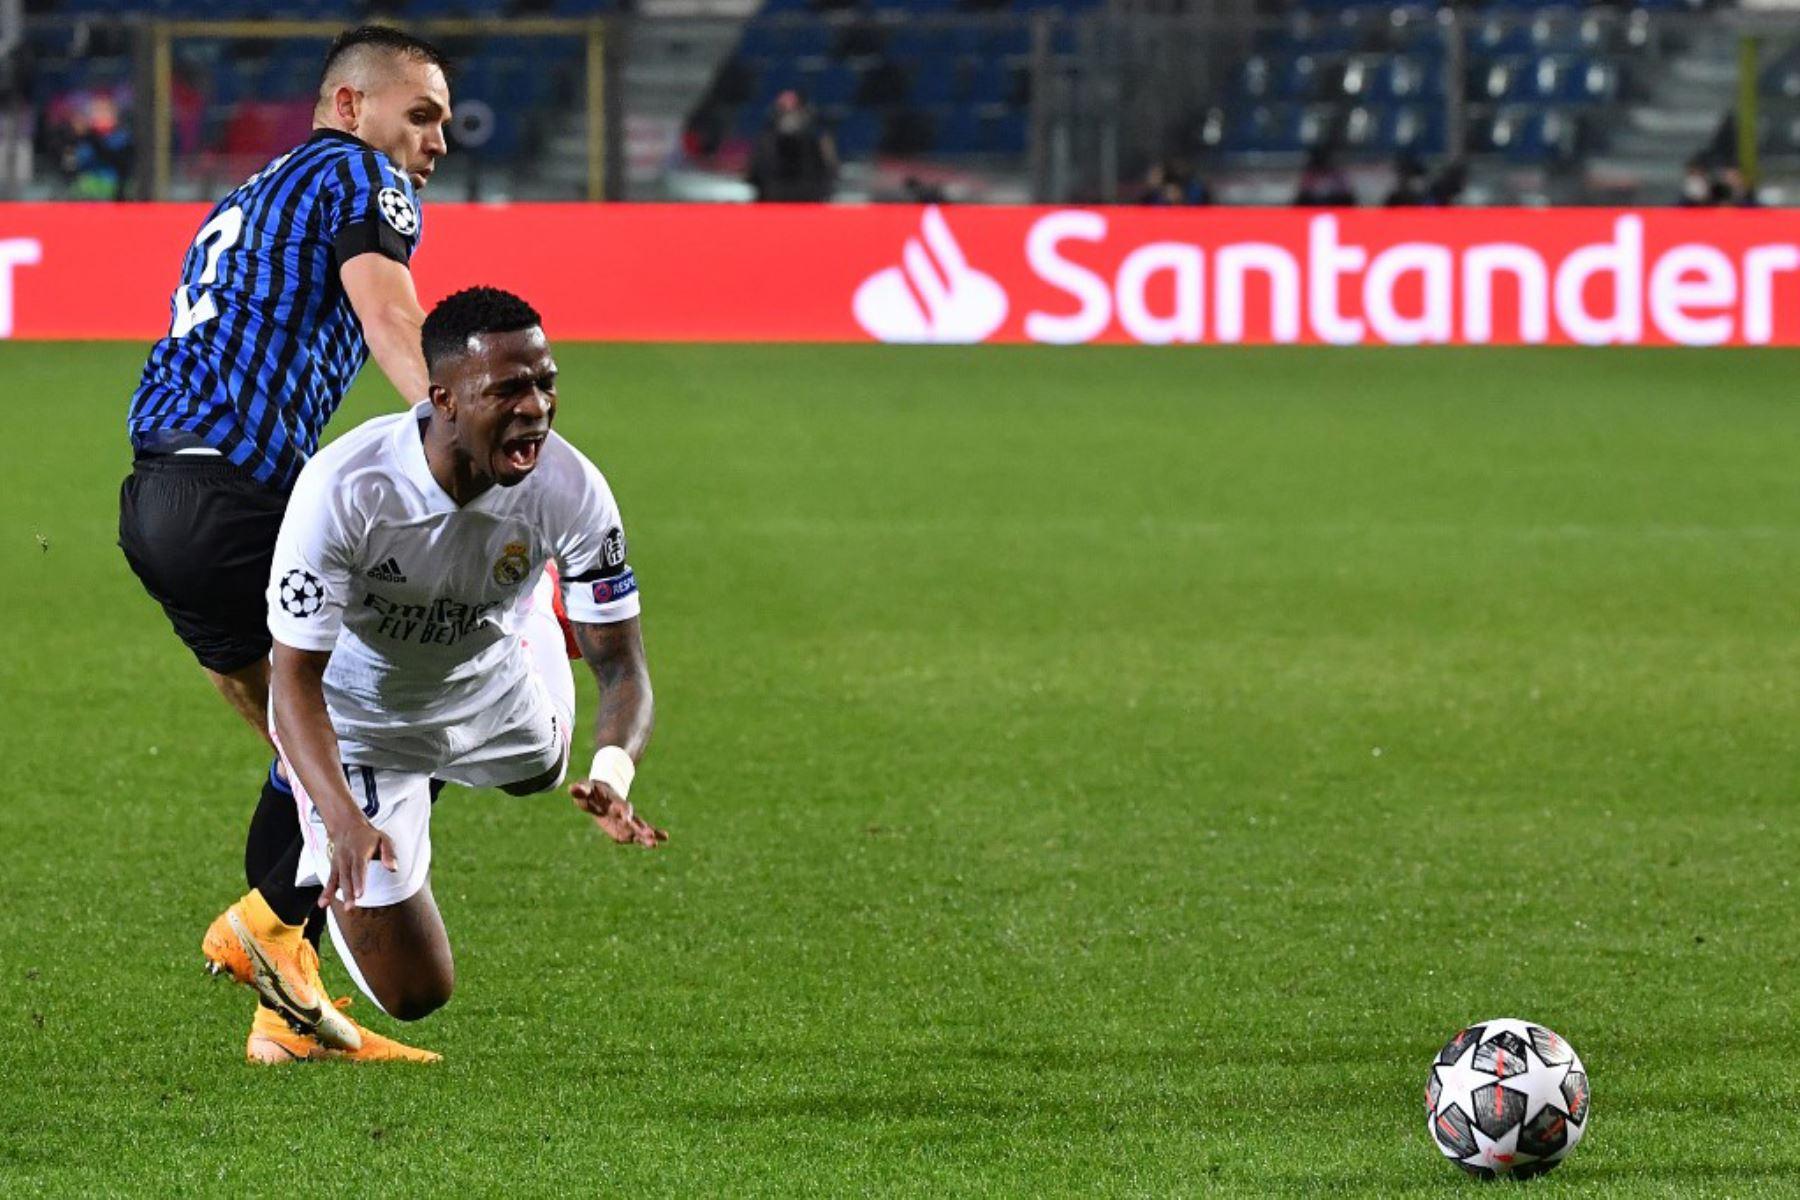 El defensor brasileño del Atalanta Rafael Toloi (L) aborda al delantero brasileño del Real Madrid Vinicius Junior durante los octavos de final de la Liga de Campeones de la UEFA el primer partido de fútbol Atalanta vs Real Madrid  Foto:AFP